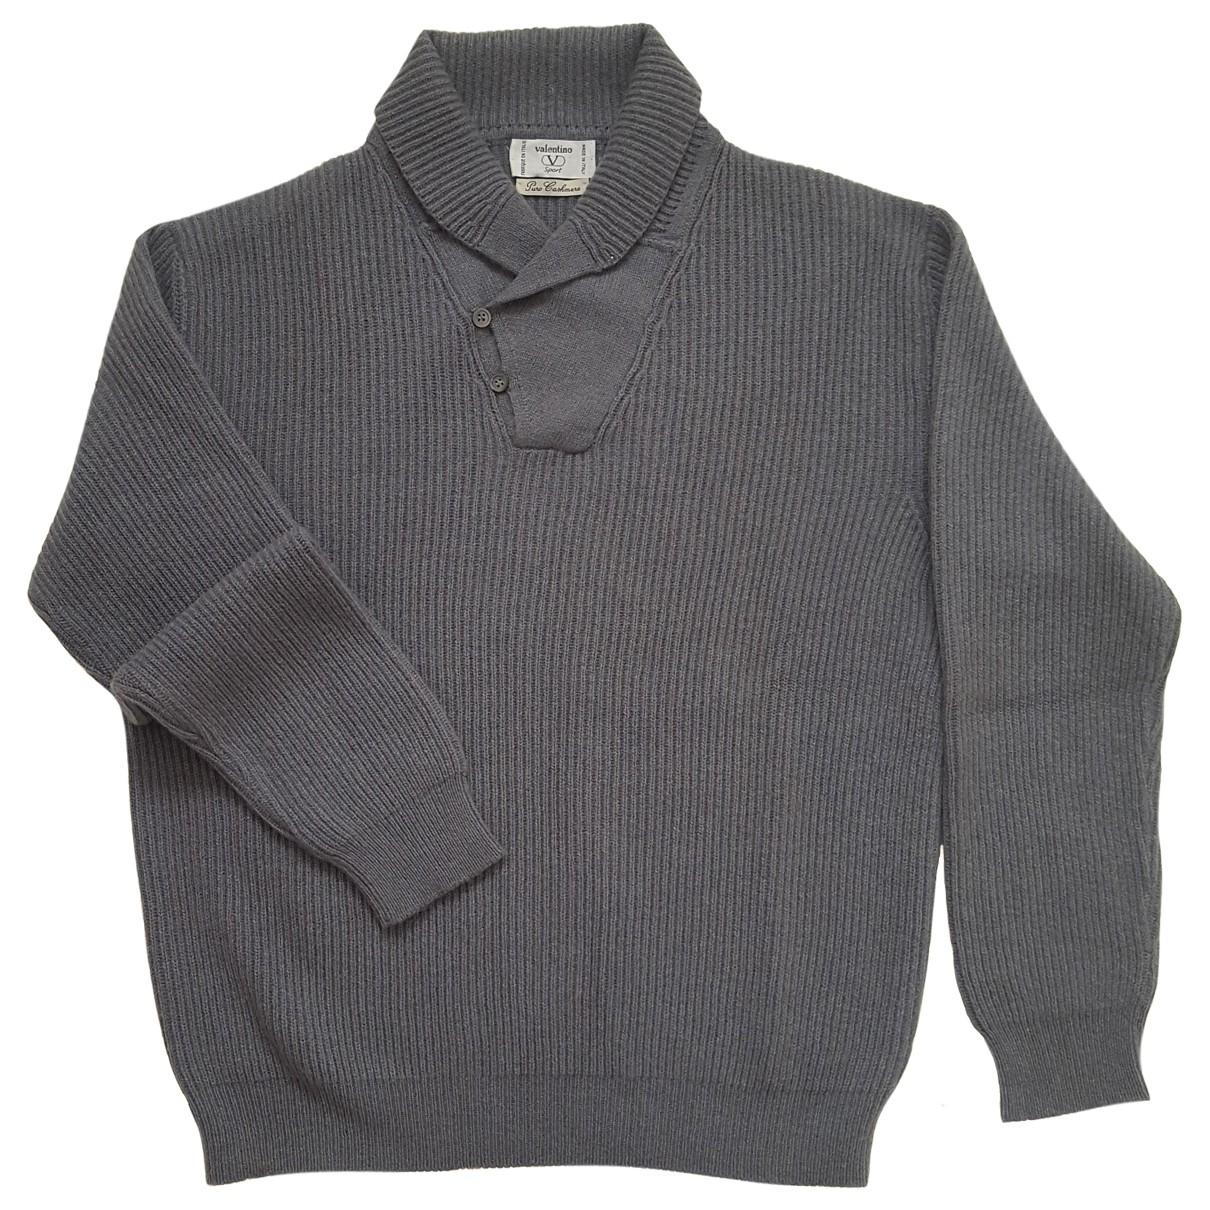 Valentino Garavani - Pulls.Gilets.Sweats   pour homme en cachemire - gris